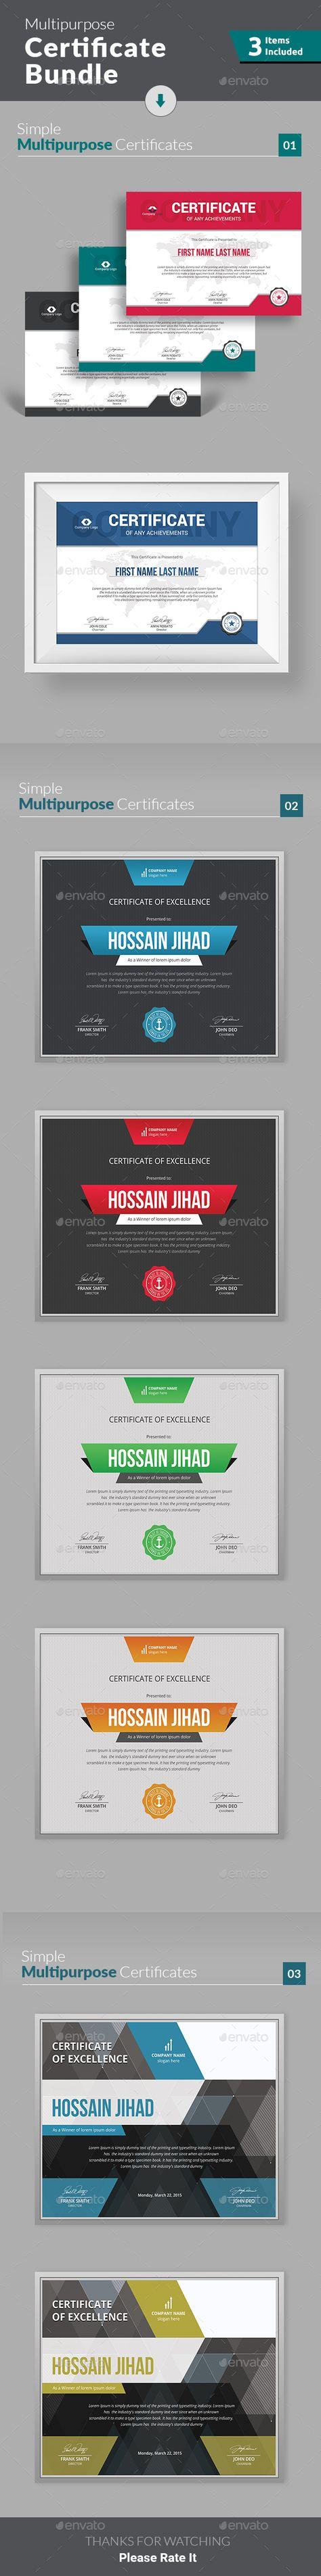 Best performance award certificate 04   Pinterest